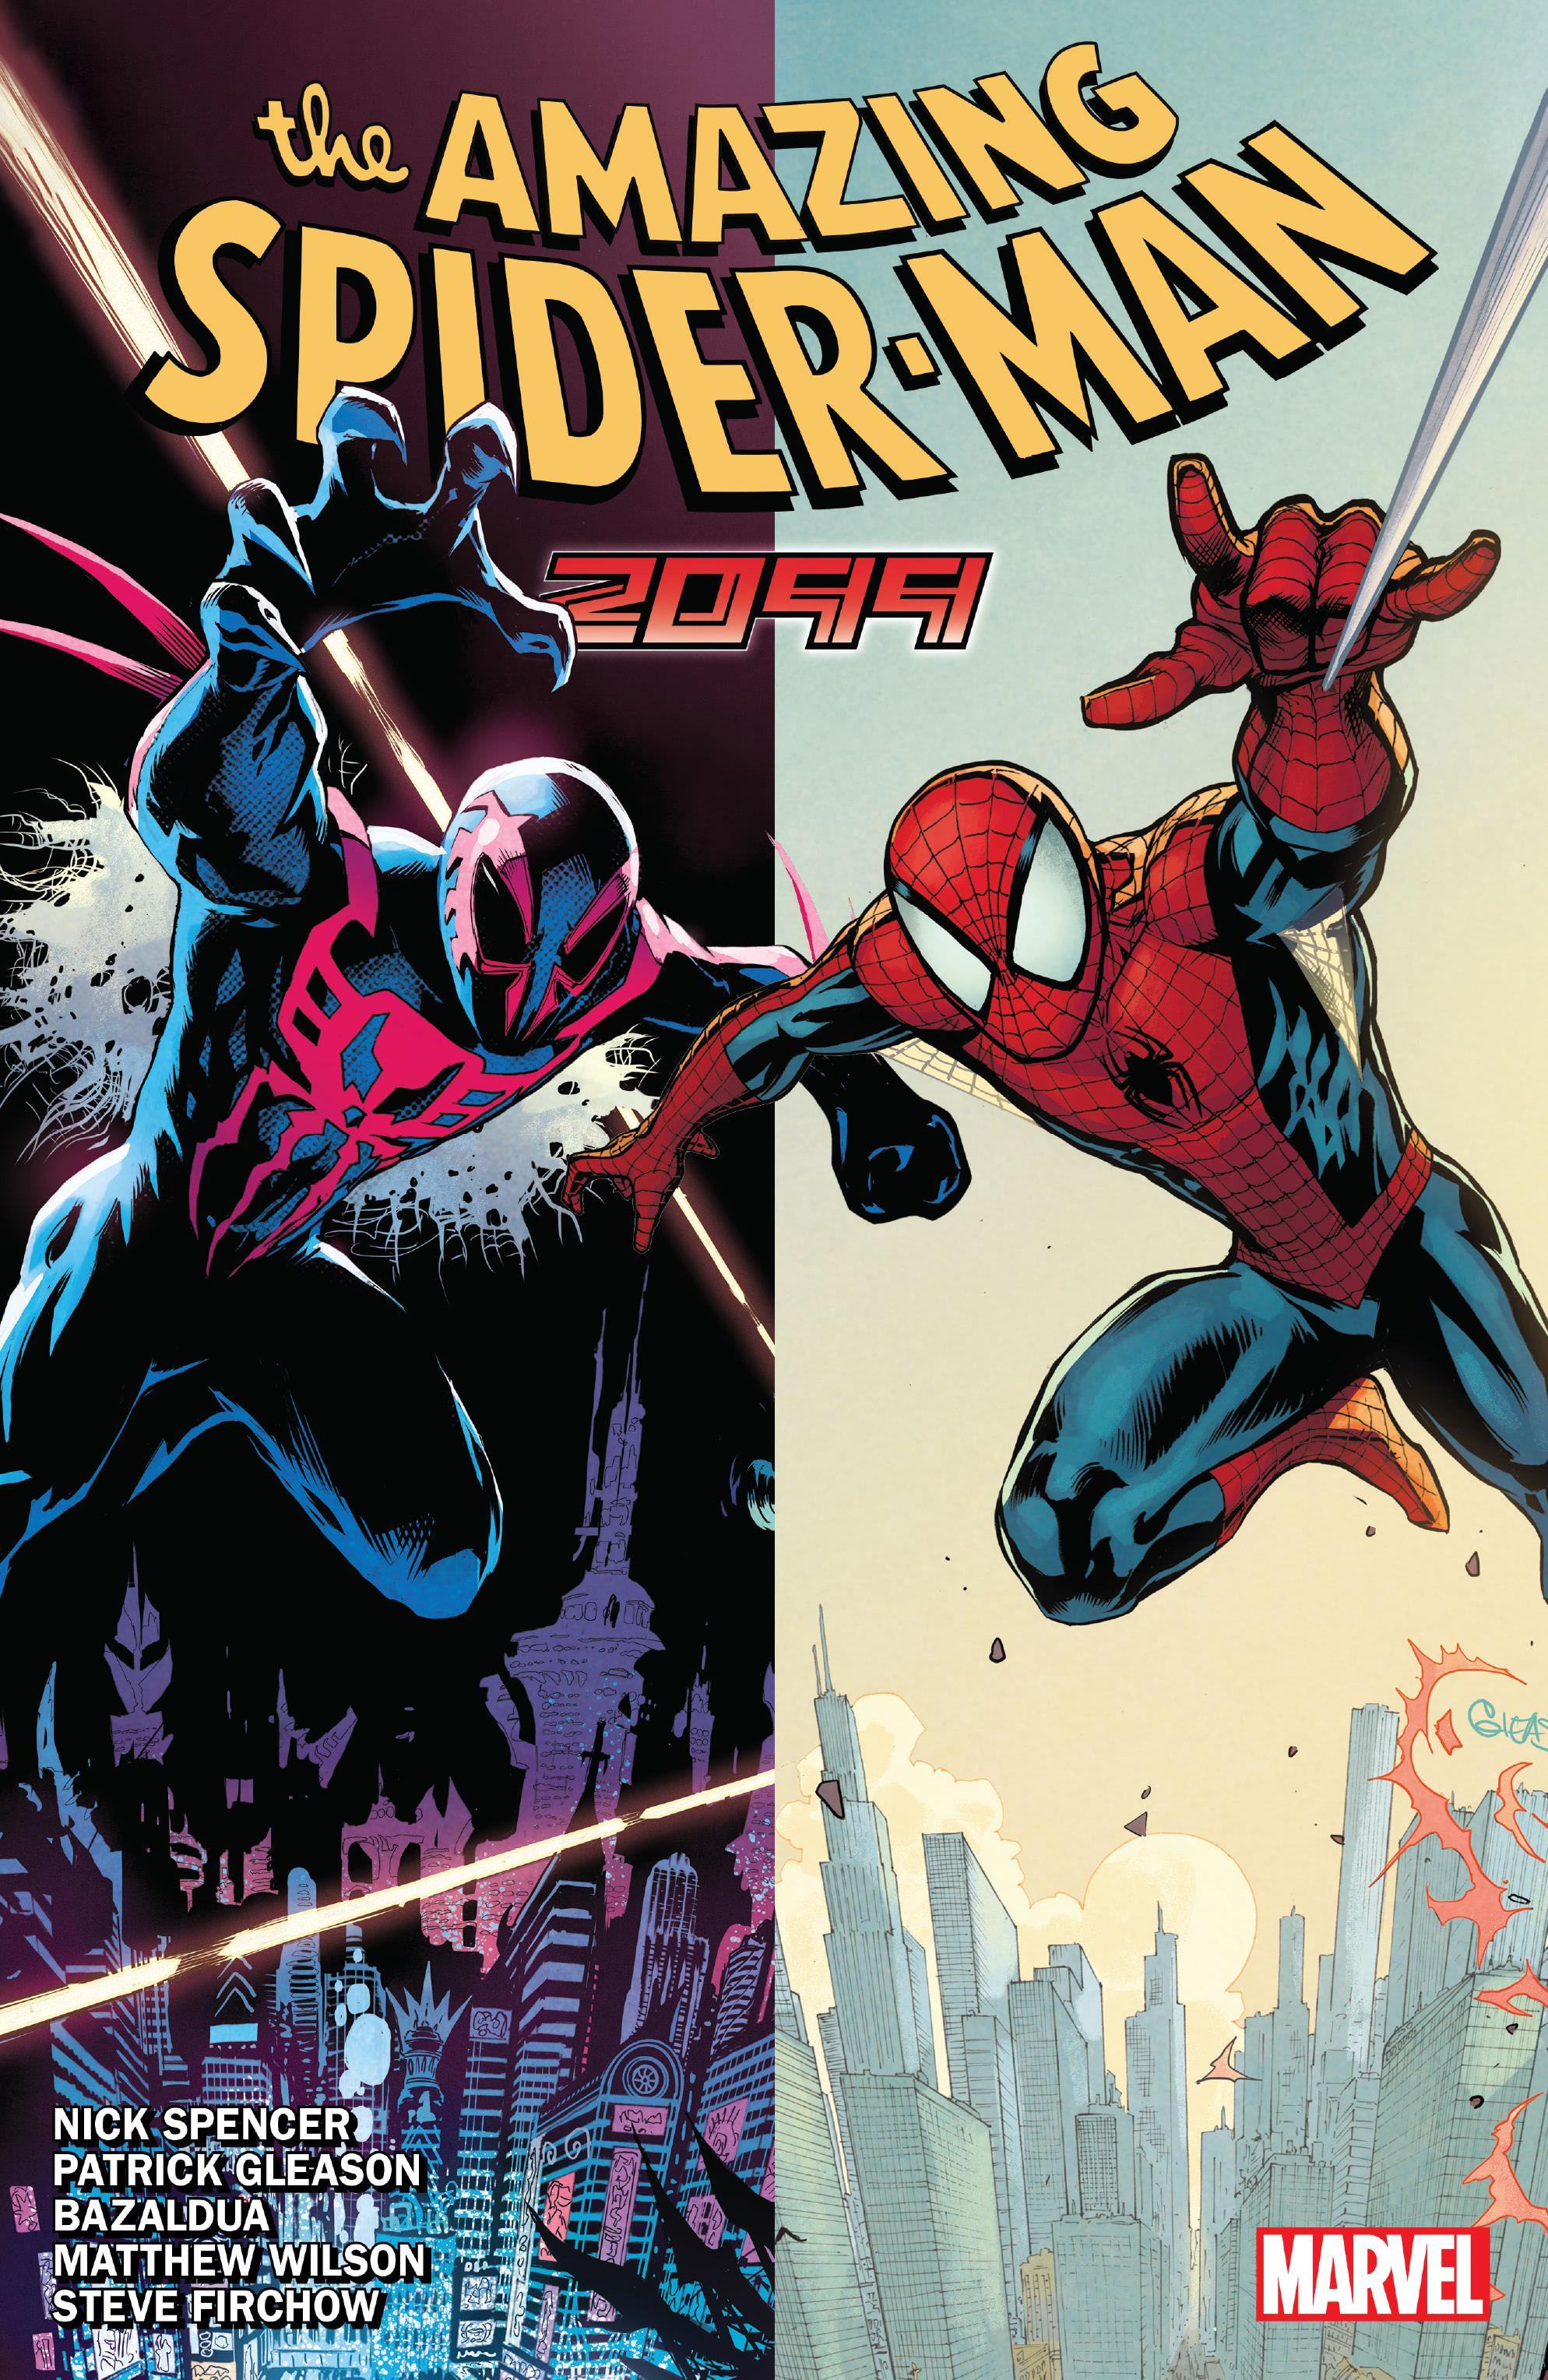 The Amazing Spider-Man v07-2099 2020 Digital F Zone